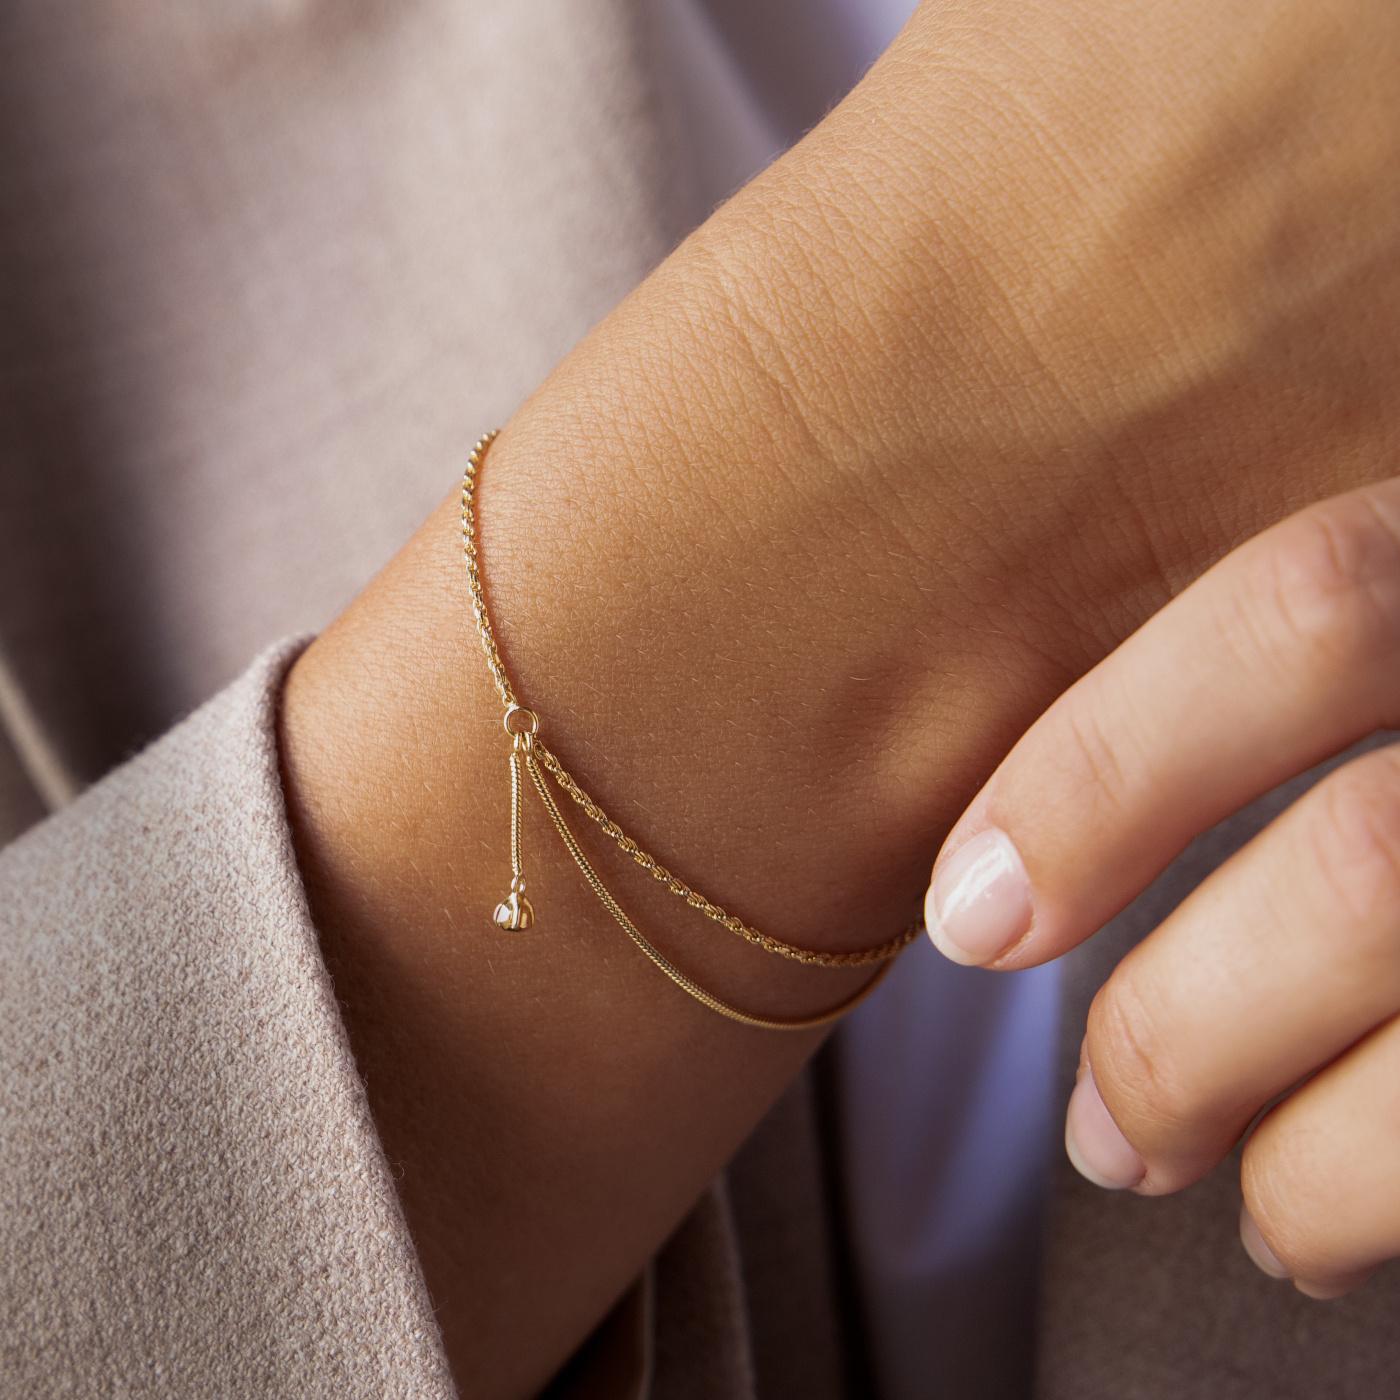 Violet Hamden Sisterhood Lunisolar guldfärgad armband i 925 sterlingsilver